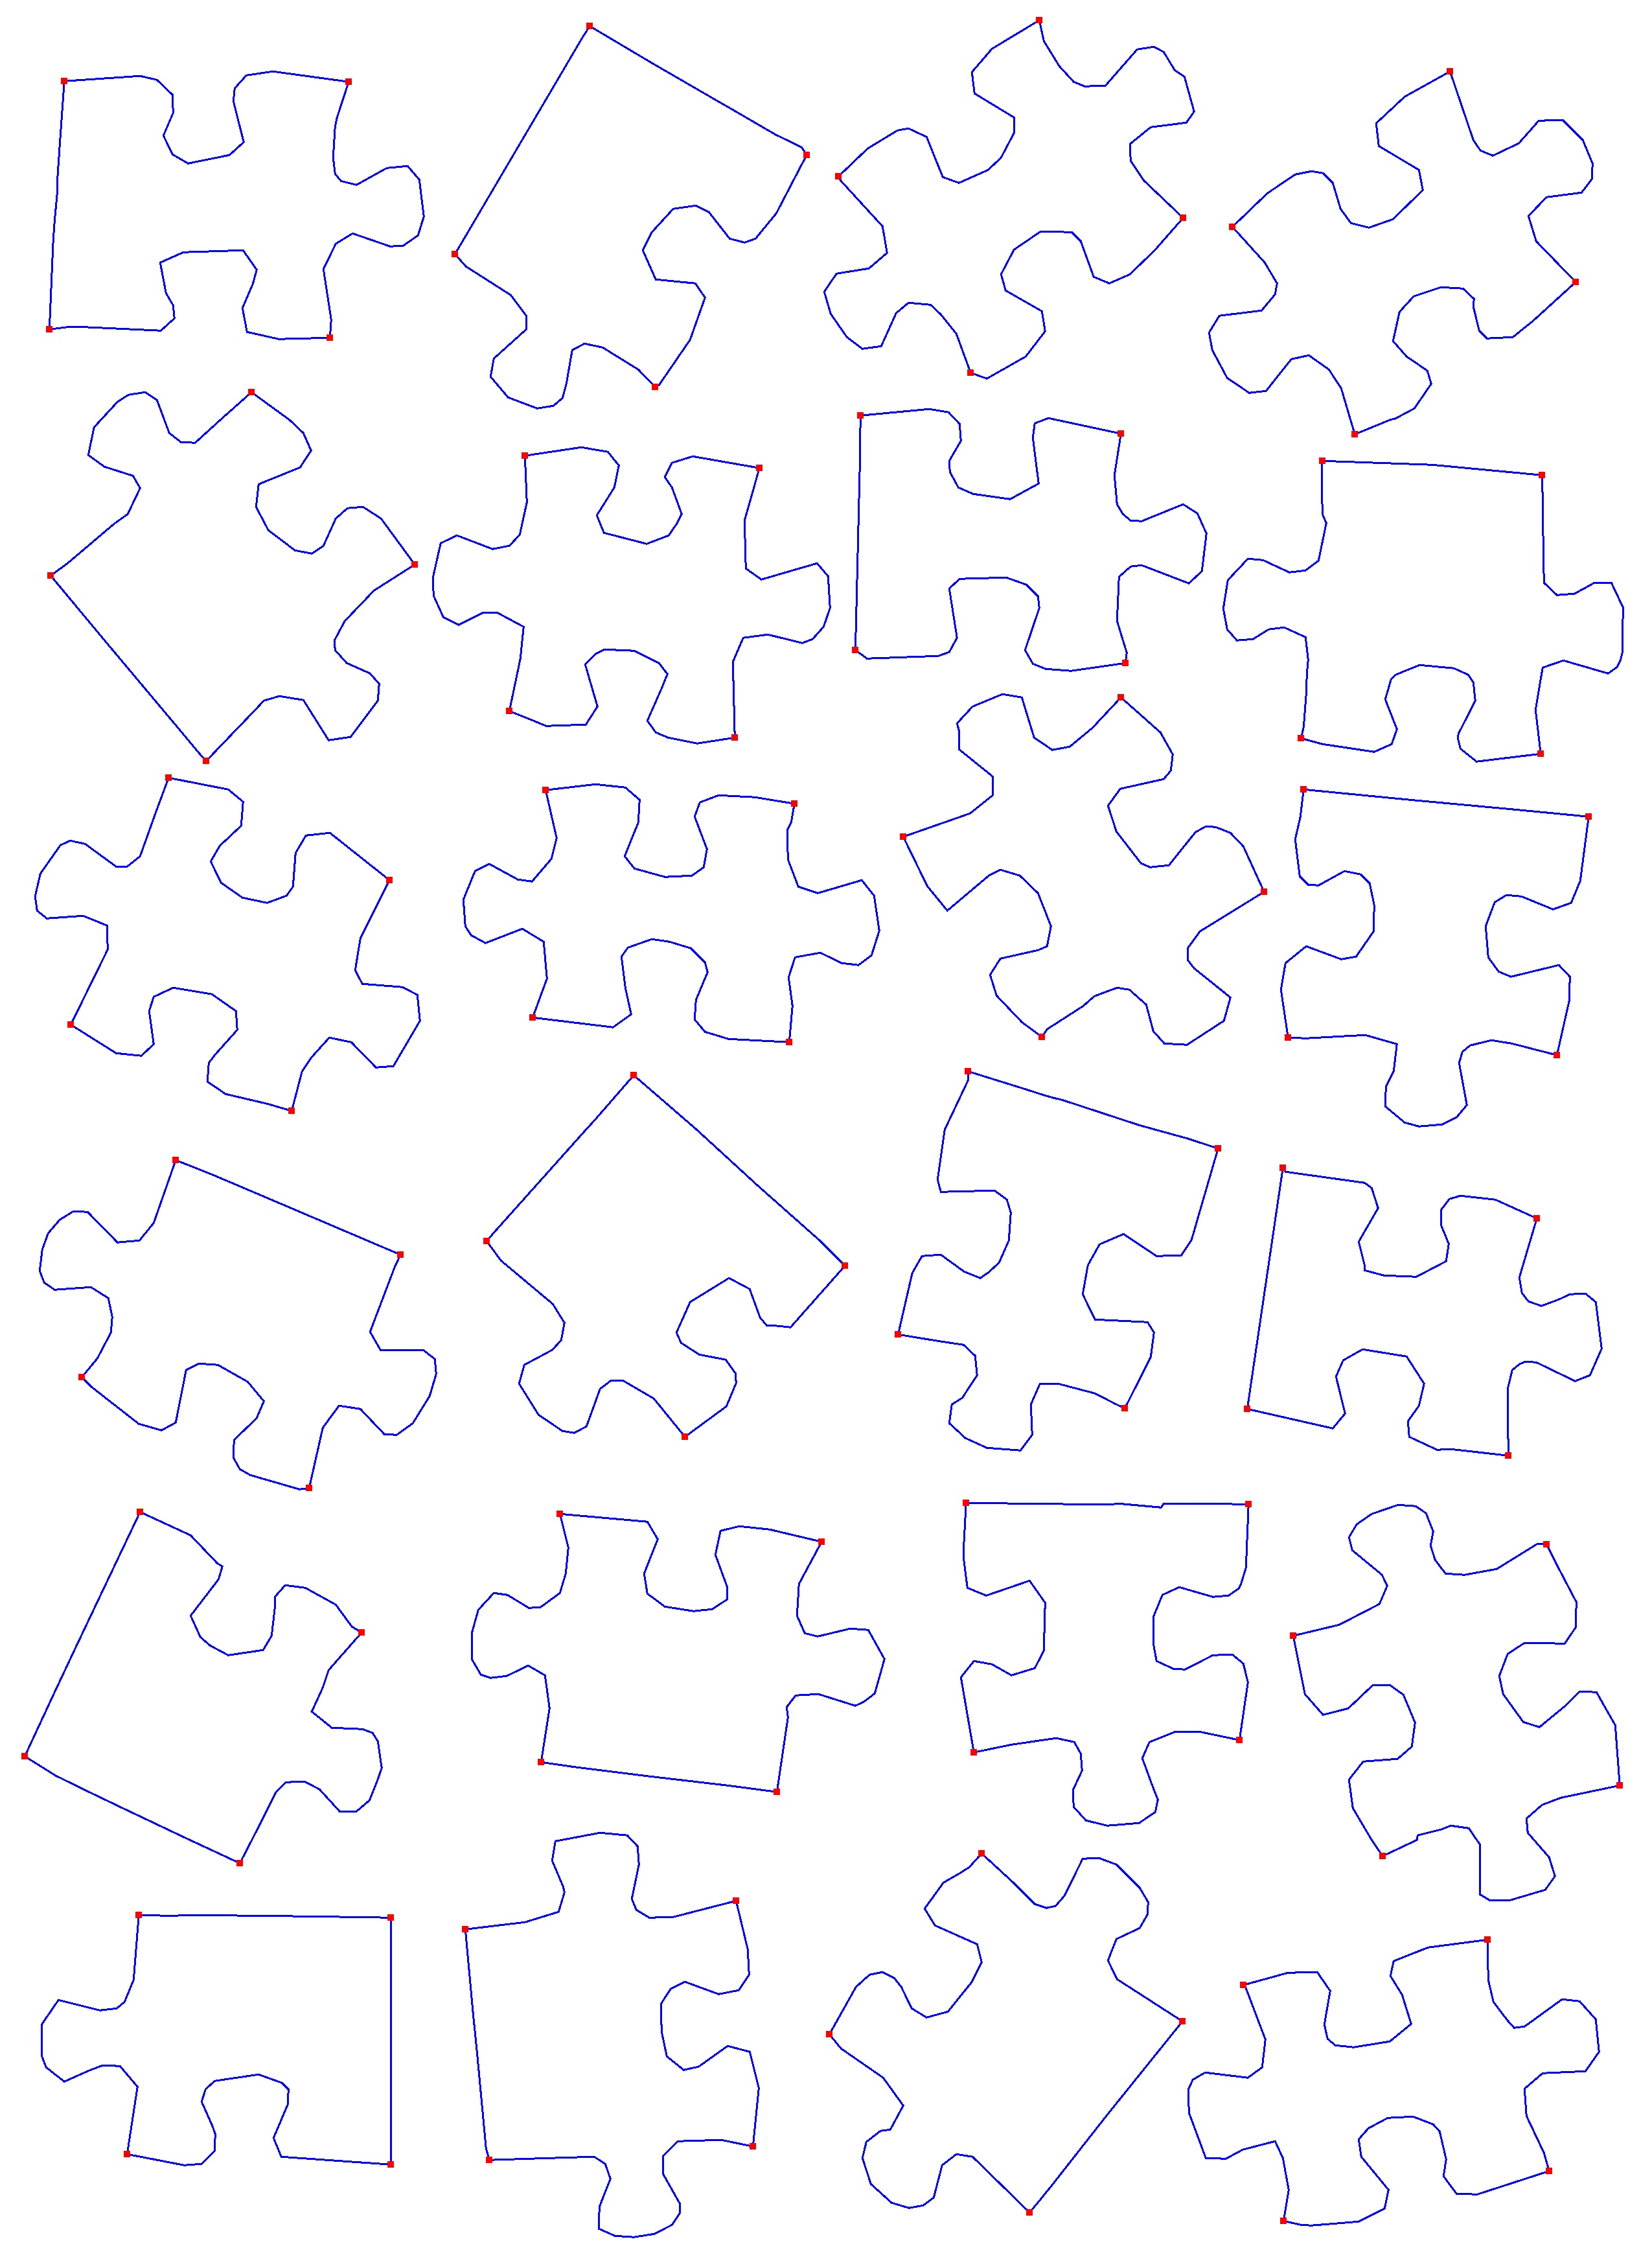 Solving jigsaw puzzles - Nerdshack